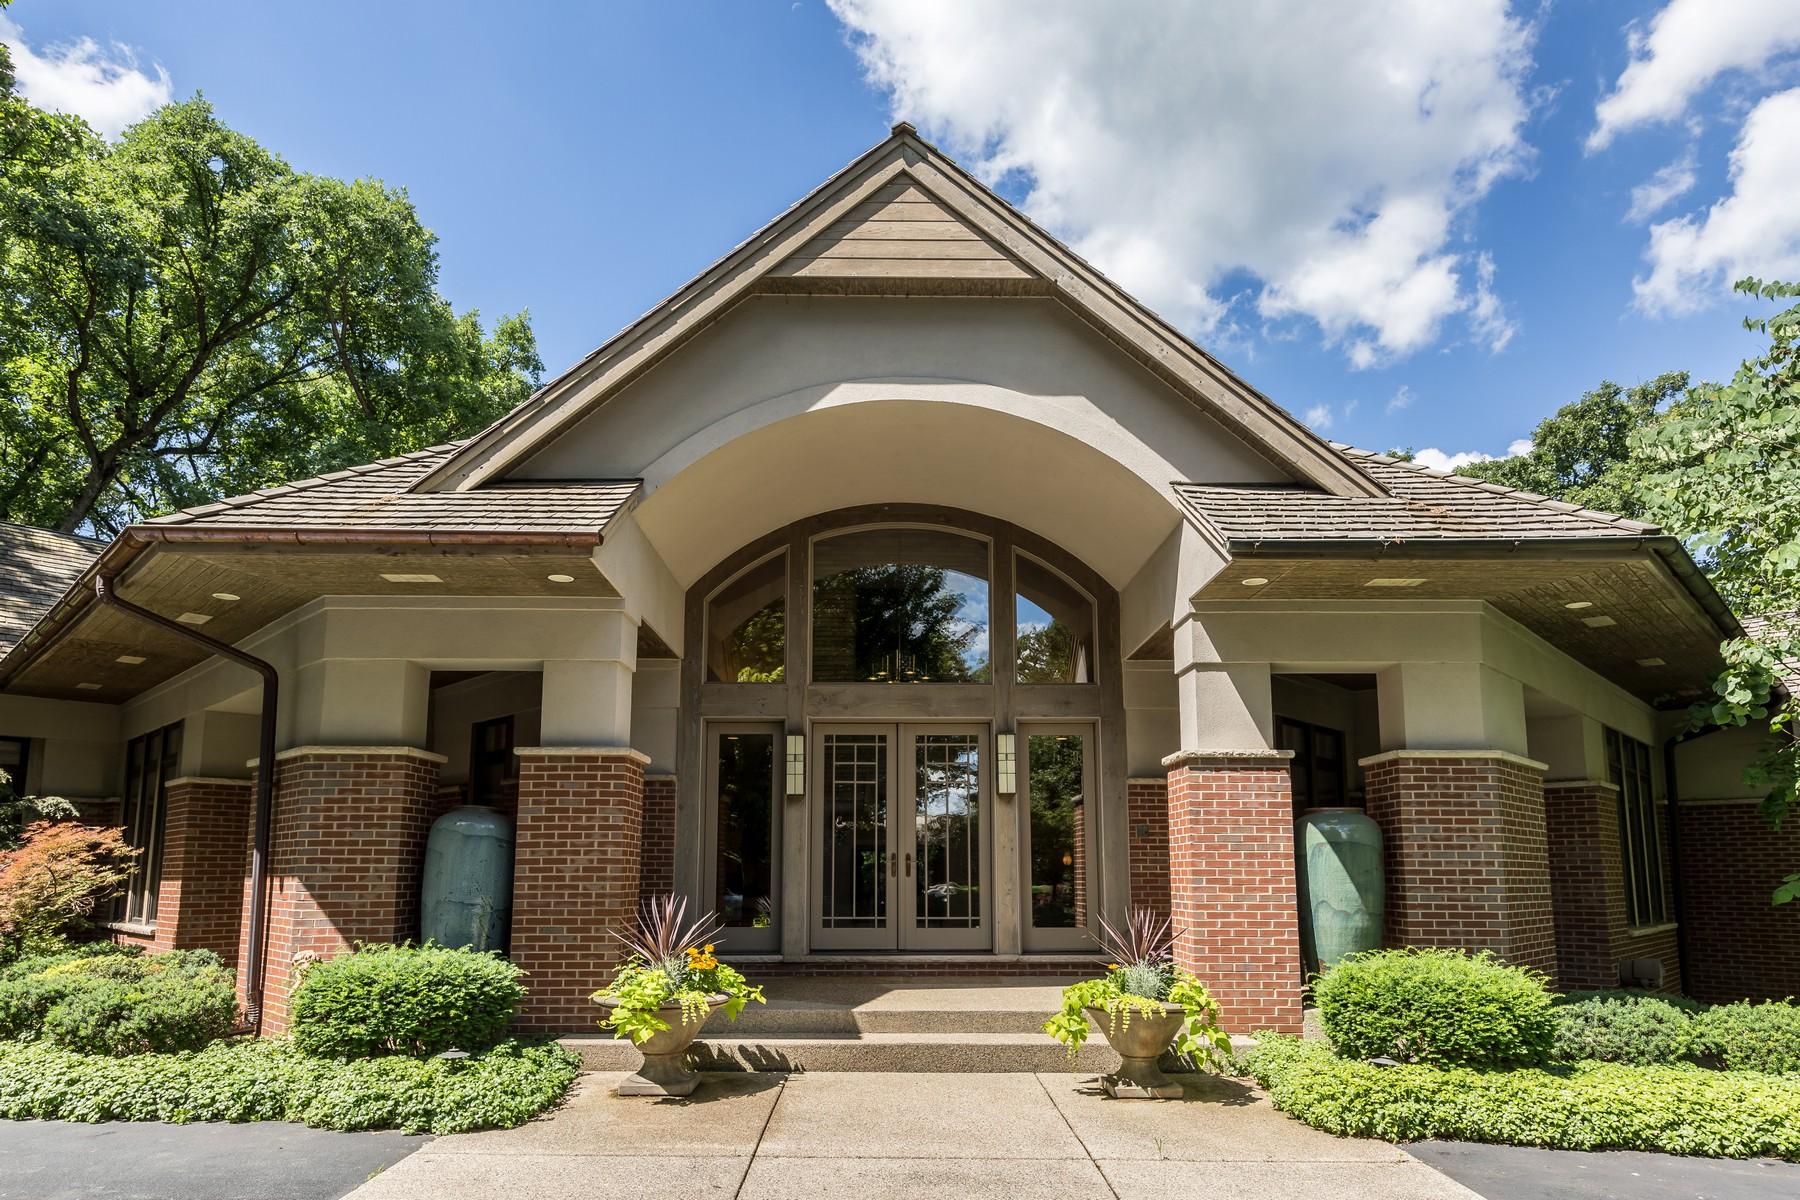 Tek Ailelik Ev için Satış at Stunning Custom Home 132 N Wynstone Drive North Barrington, Illinois, 60010 Amerika Birleşik Devletleri